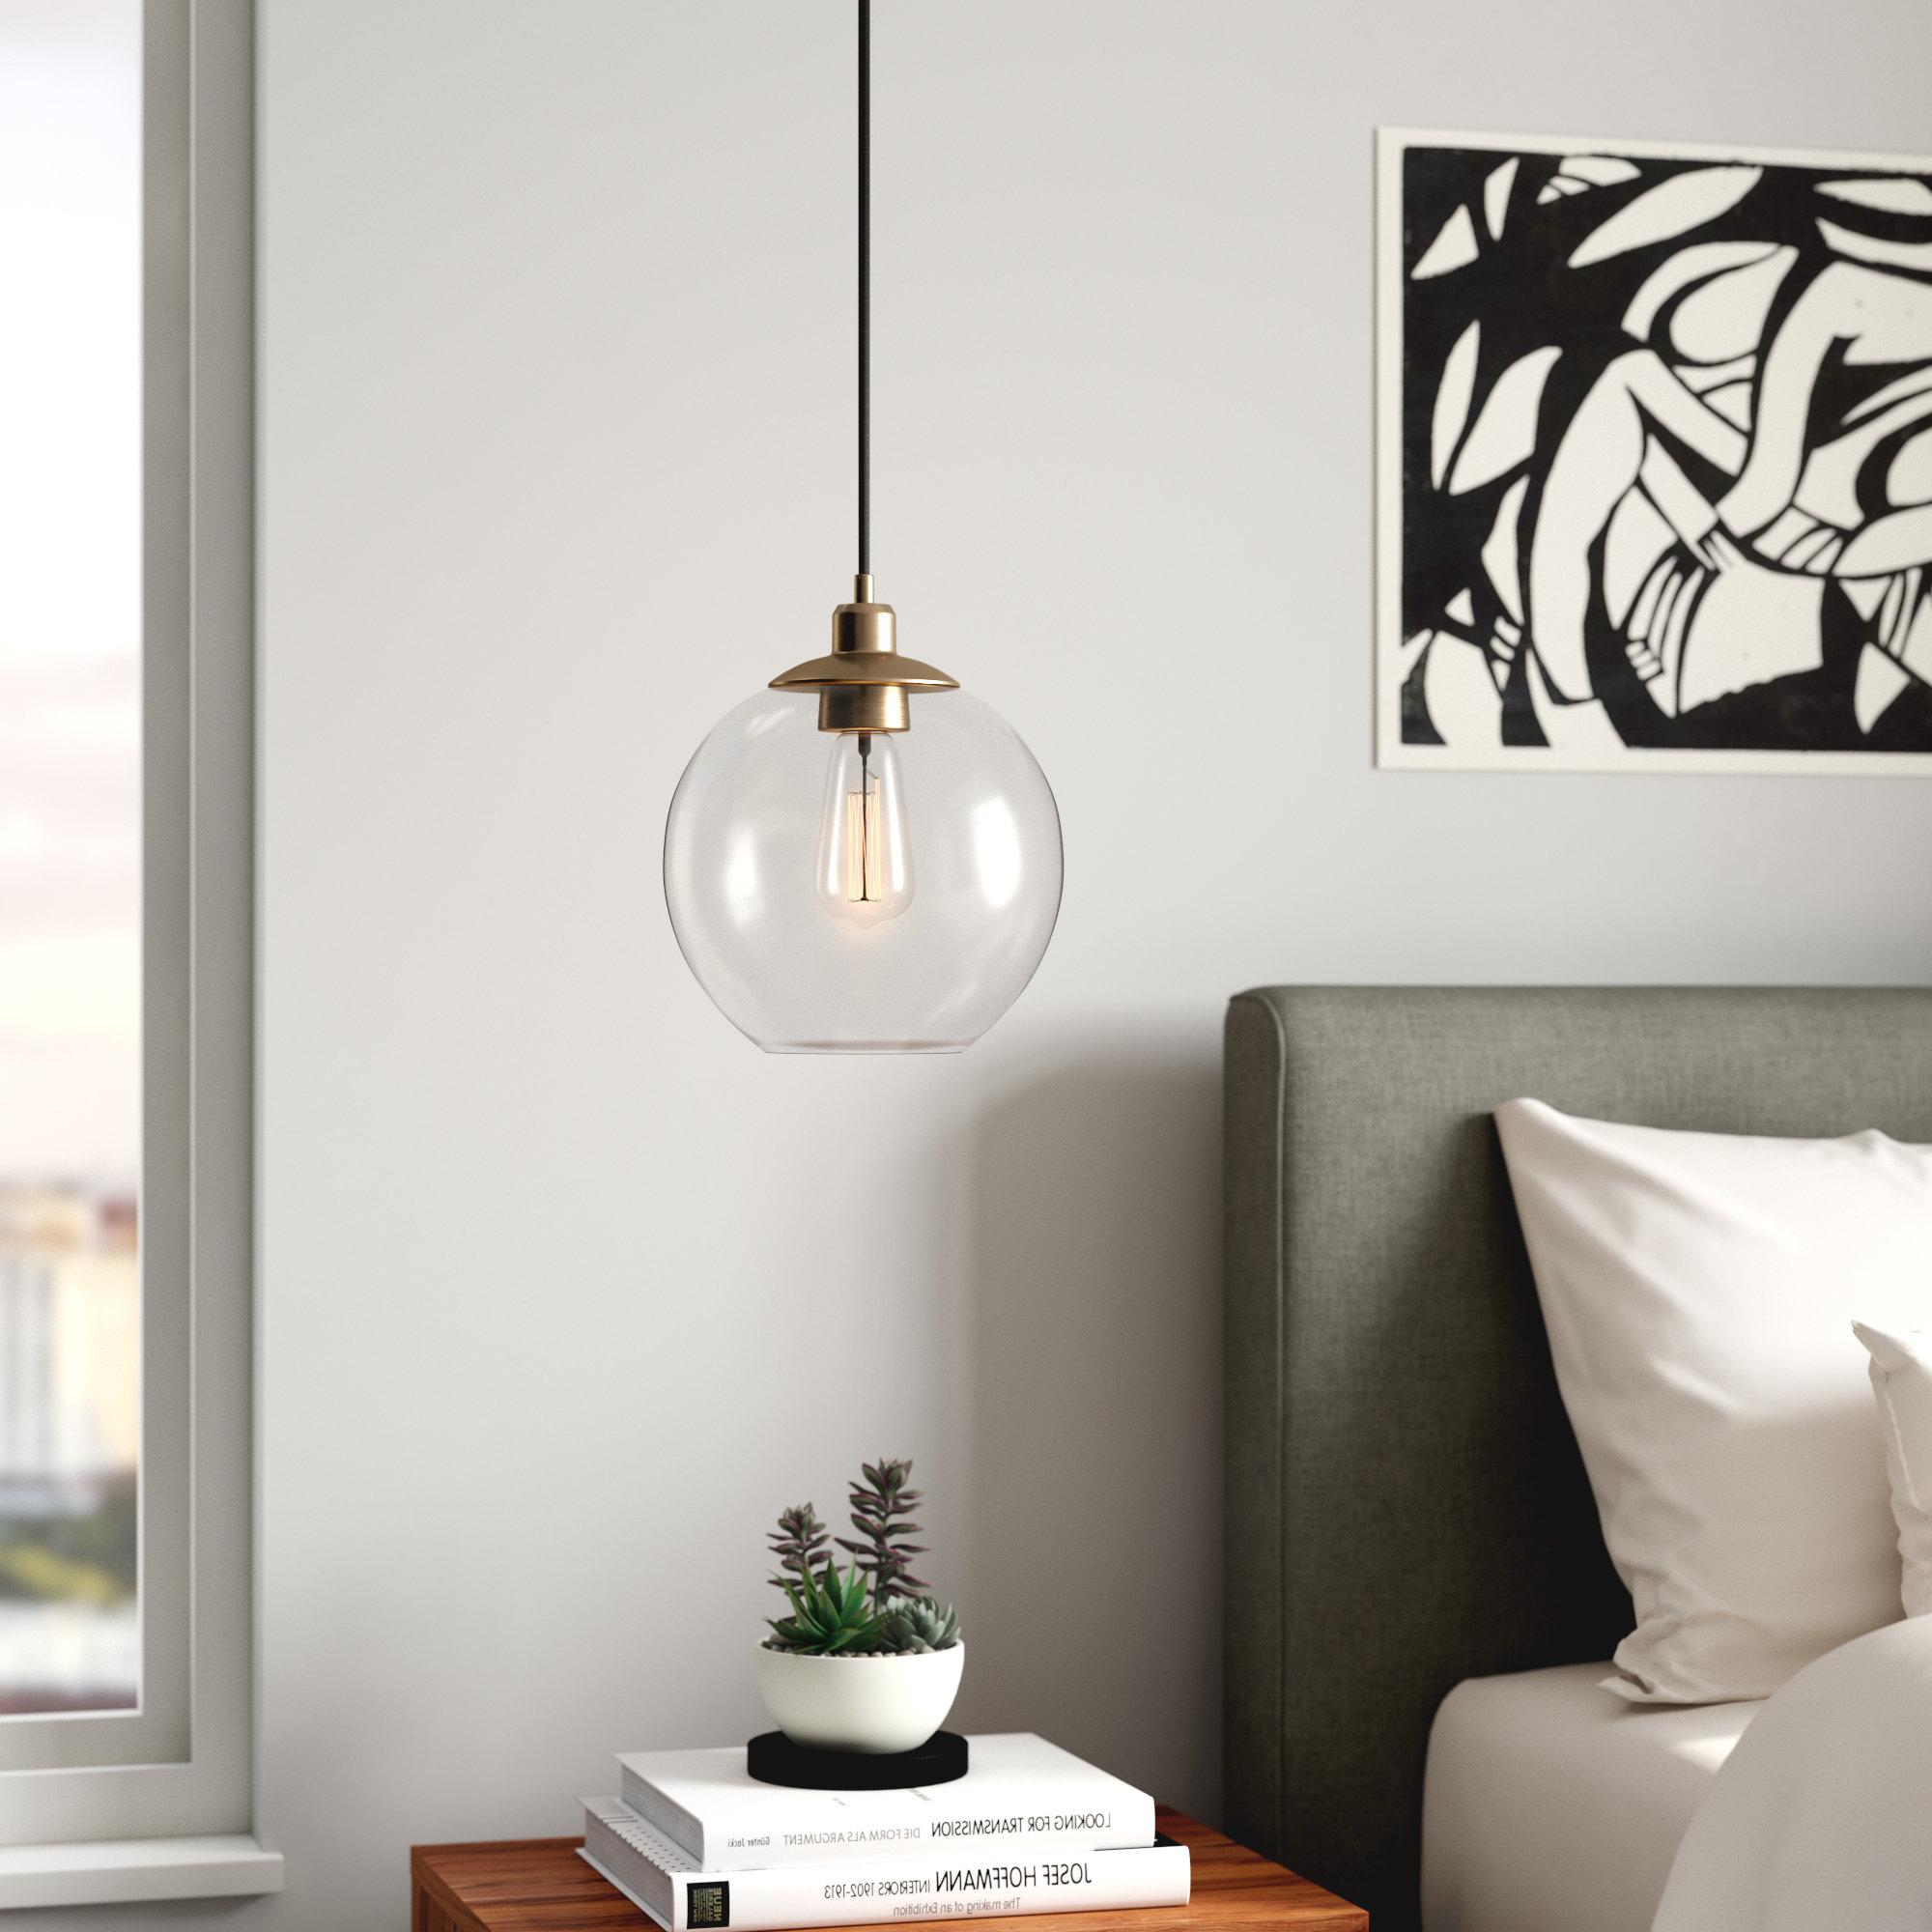 Bundy 1 Light Single Globe Pendants Intended For Well Known Gehry 1 Light Single Globe Pendant (View 9 of 20)